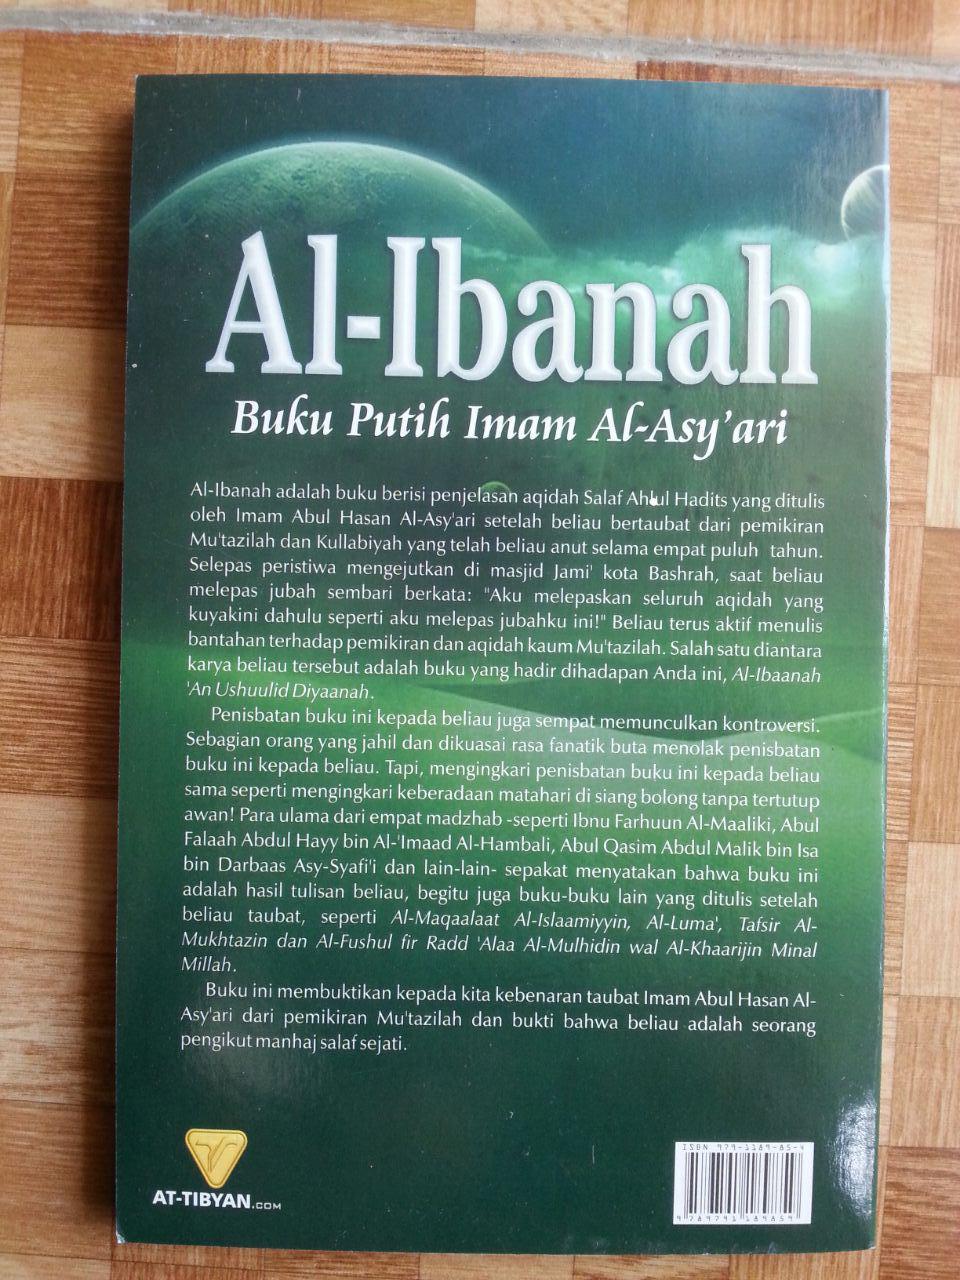 Buku Putih Imam Al-Asy'ari Al-Ibanah cover